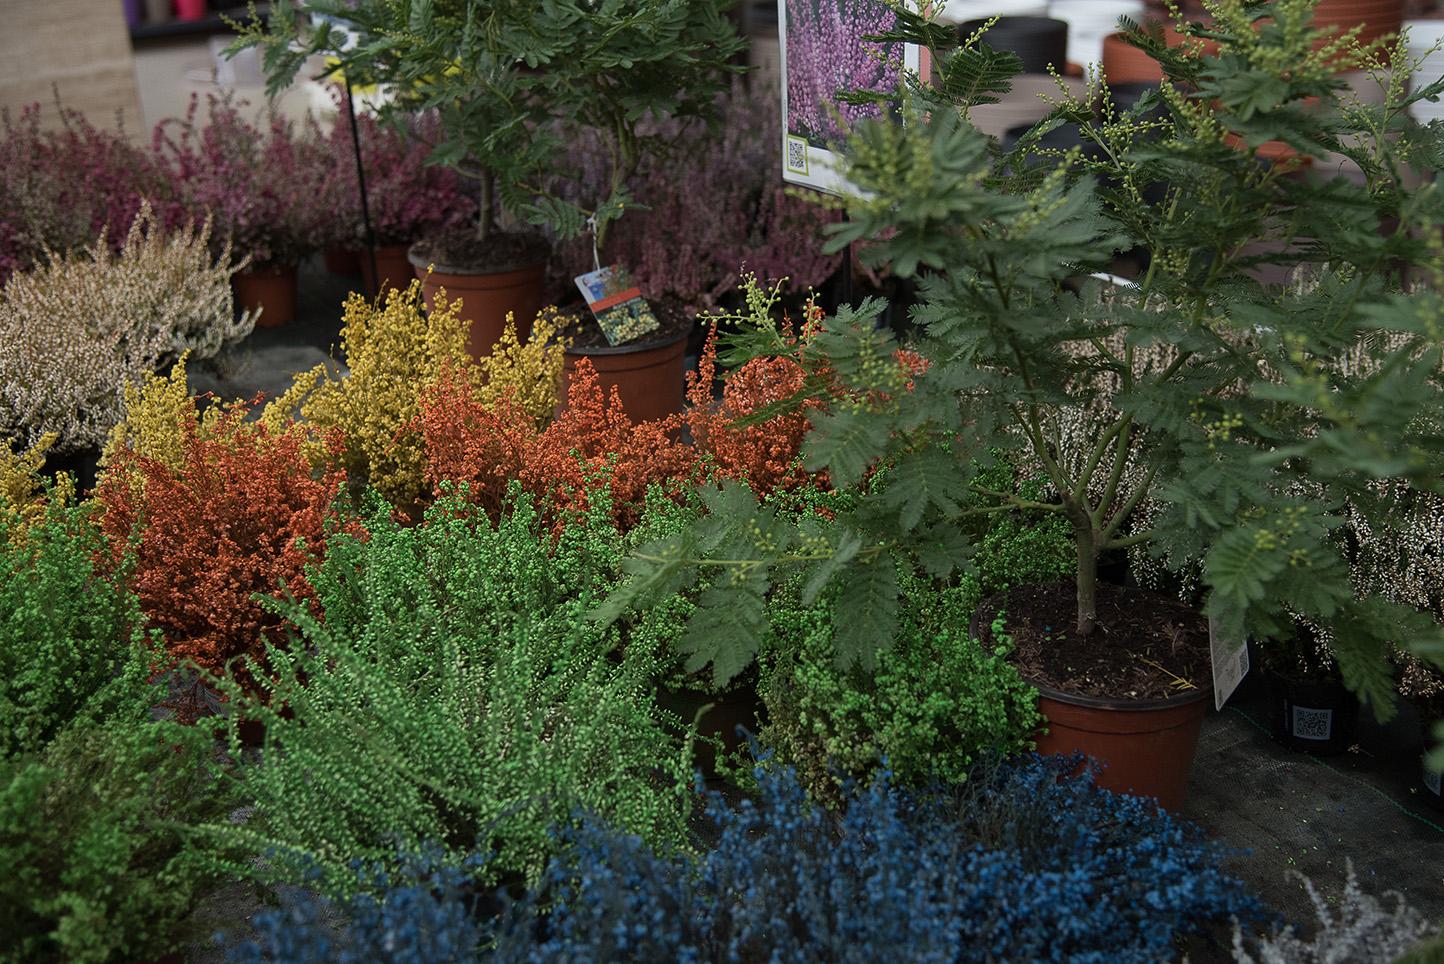 Galer a centro de jardiner a gorbeia for Centro de jardineria